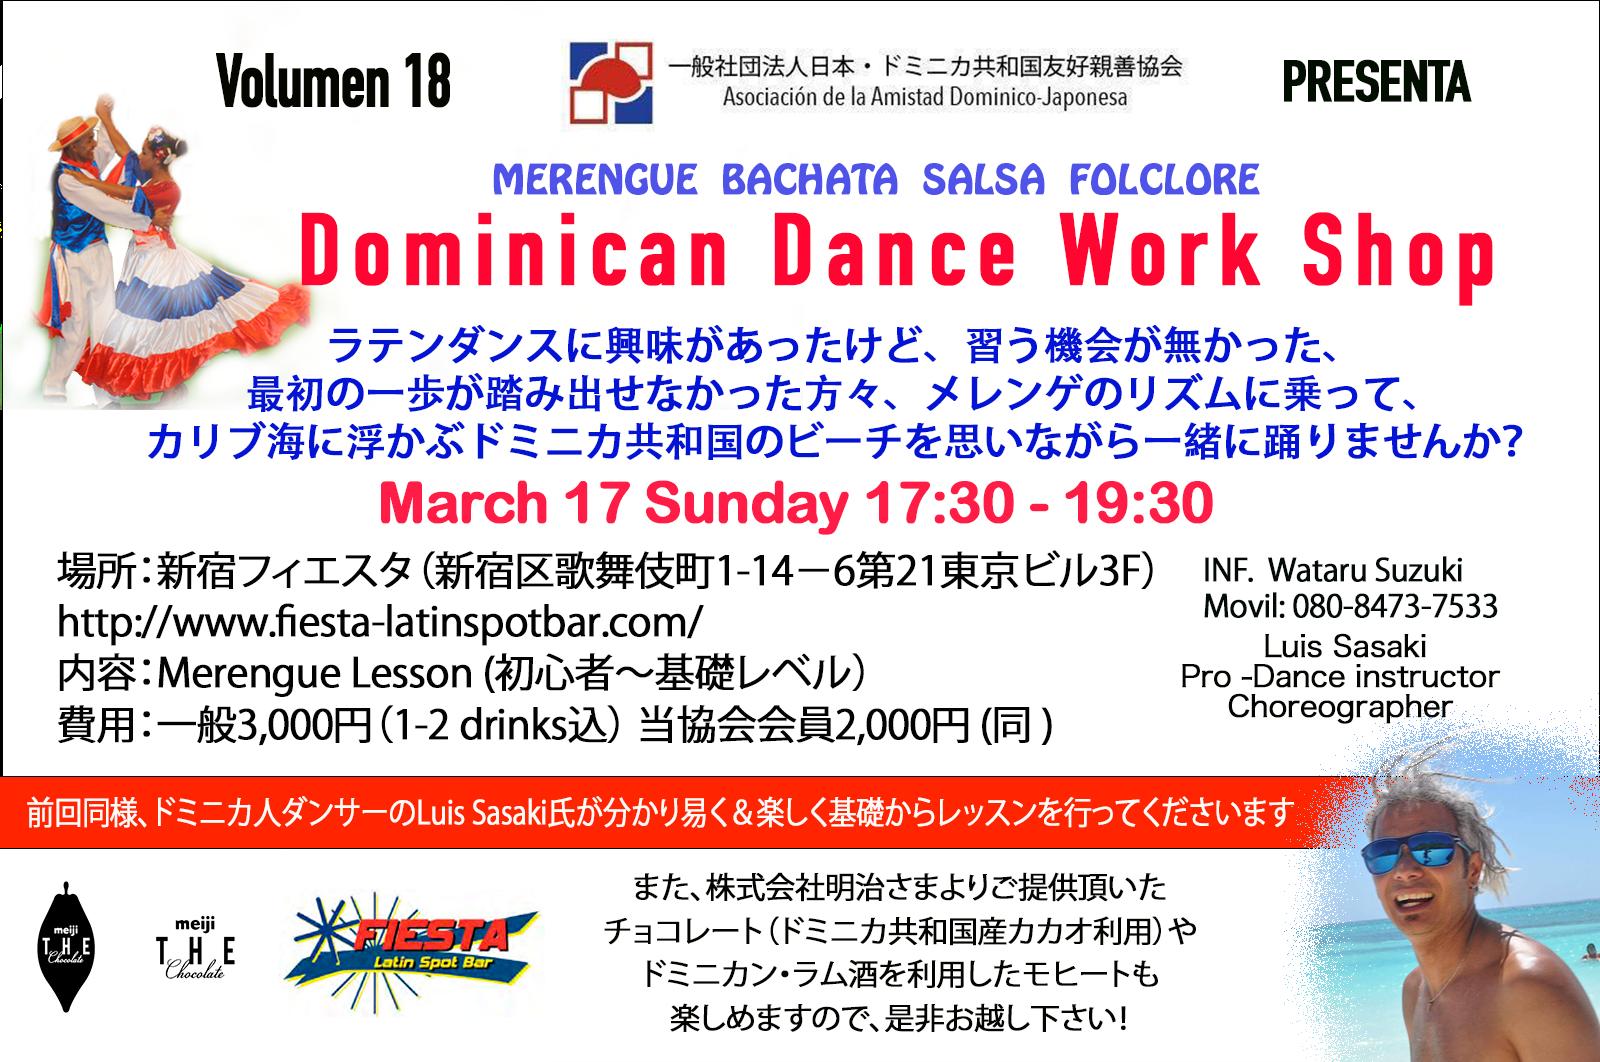 第18回ドミニカンダンス・ワークショップ開催のお知らせ! (¡El decimoctavo taller de baile dominicano!)